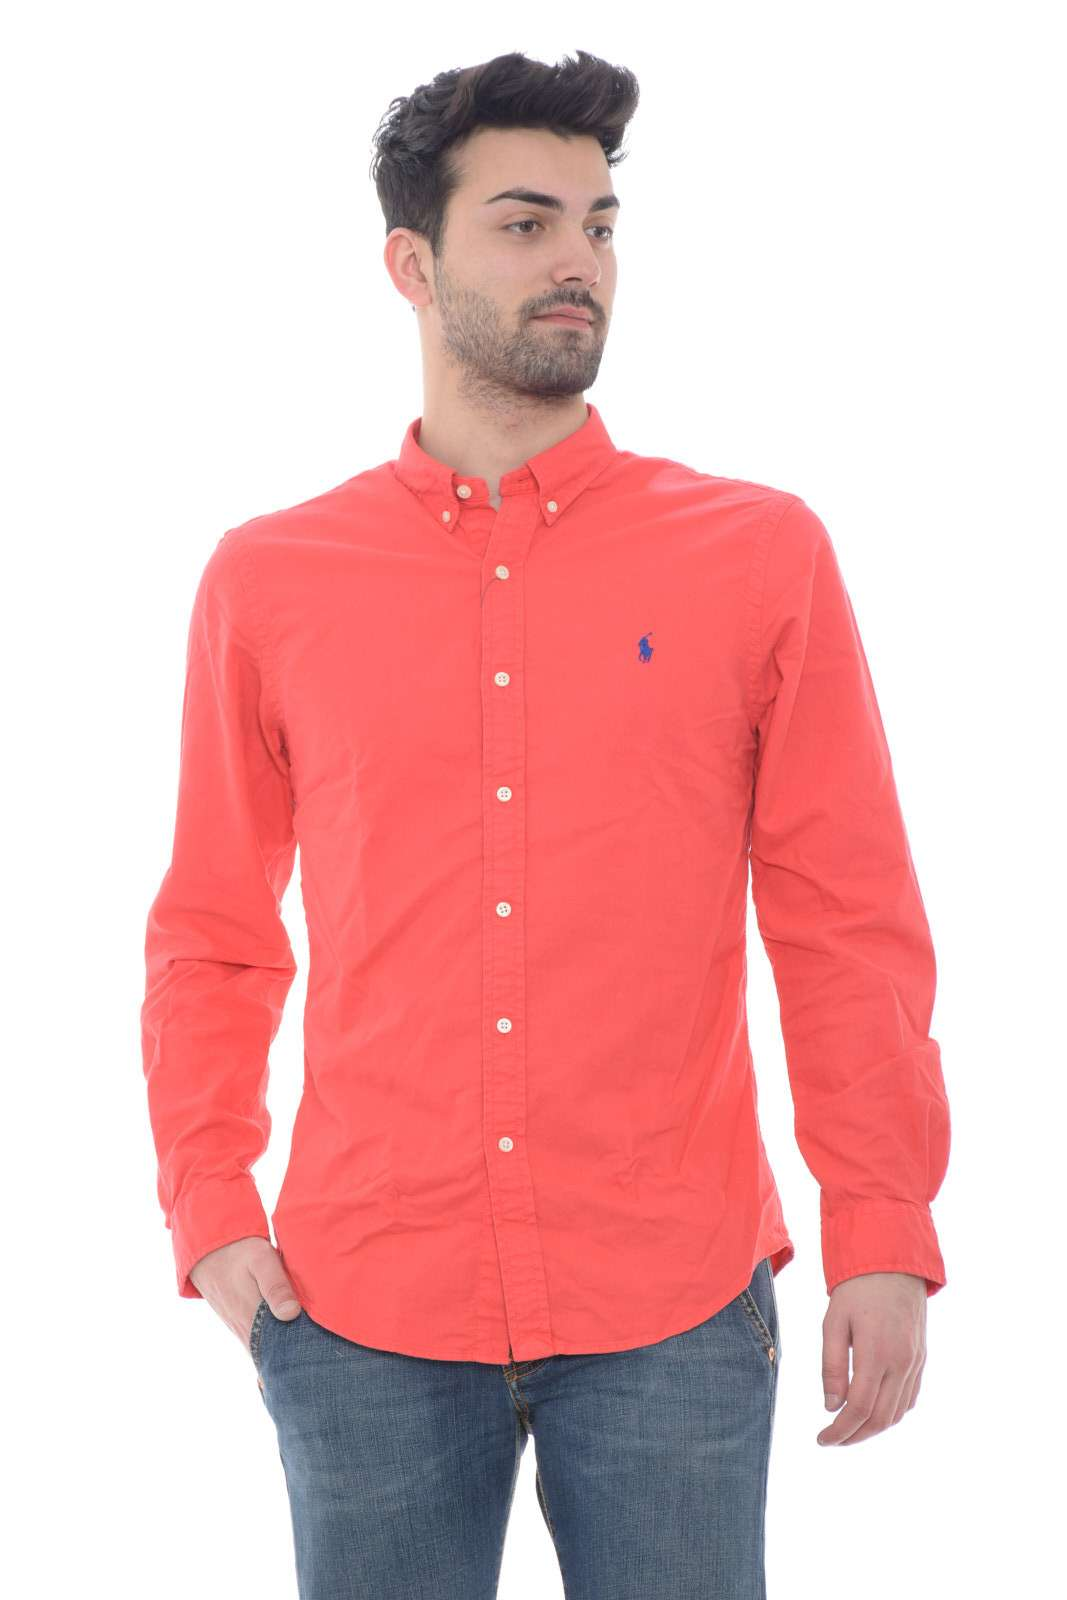 Lasciati conquistare dai tanti nuovi colori delle camicie Polo Ralph LAuren. L'iconico collo con bottoni e il tessuto in cotone, fanno di questo capo un essential indiscusso per essere impeccabili in ogni occasione. Da abbinare sia con jeans che con pantaloni è una camicia evergreen.